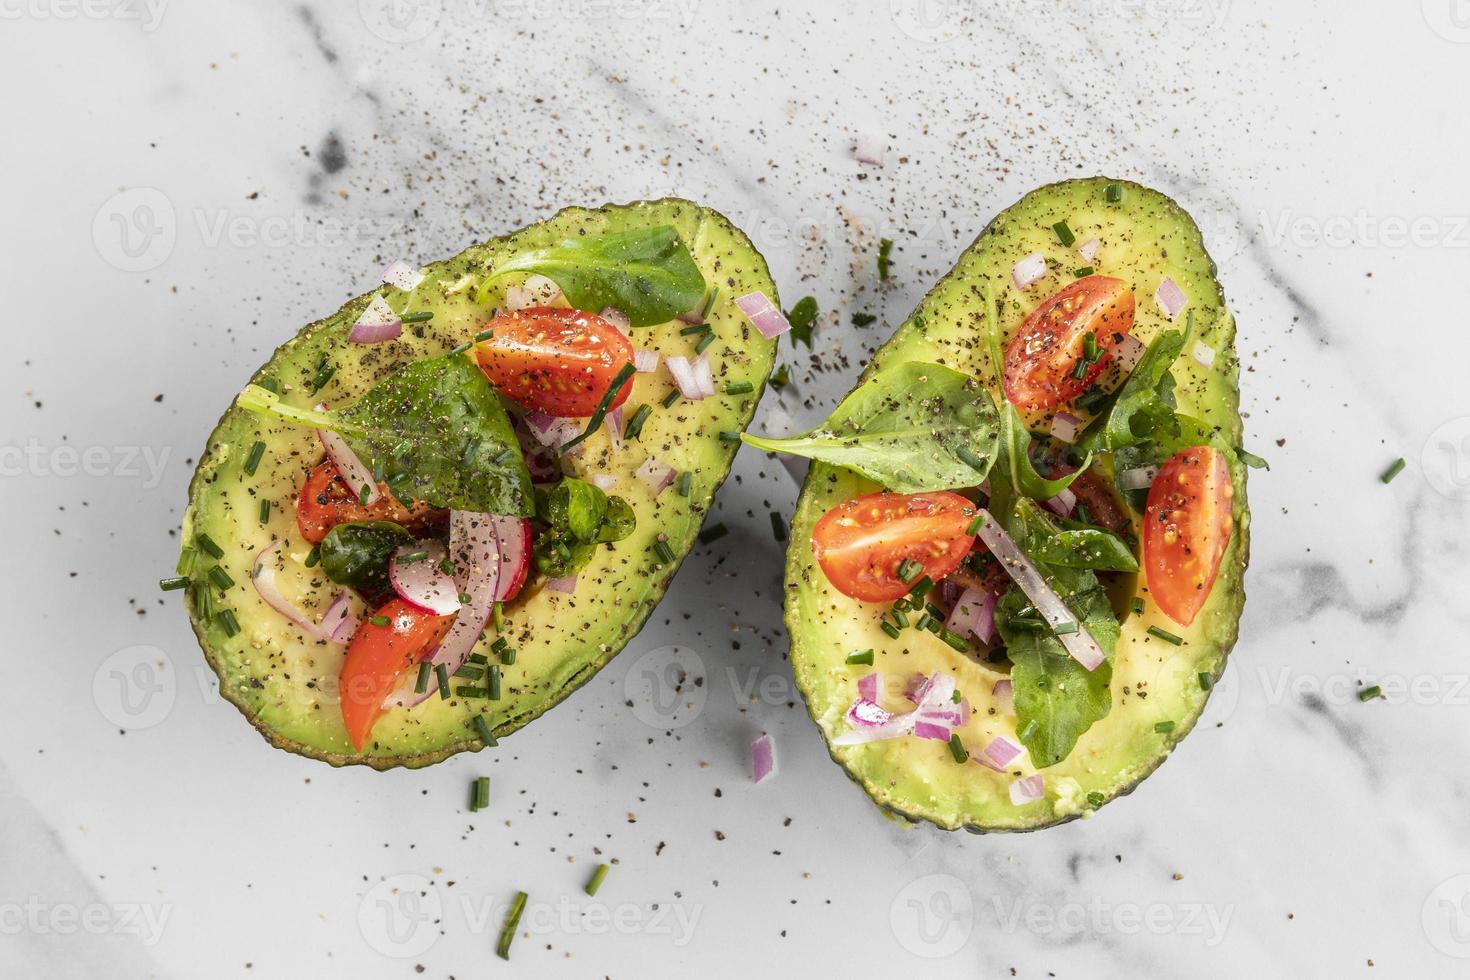 plat lag heerlijke gezonde salade avocado samenstelling foto